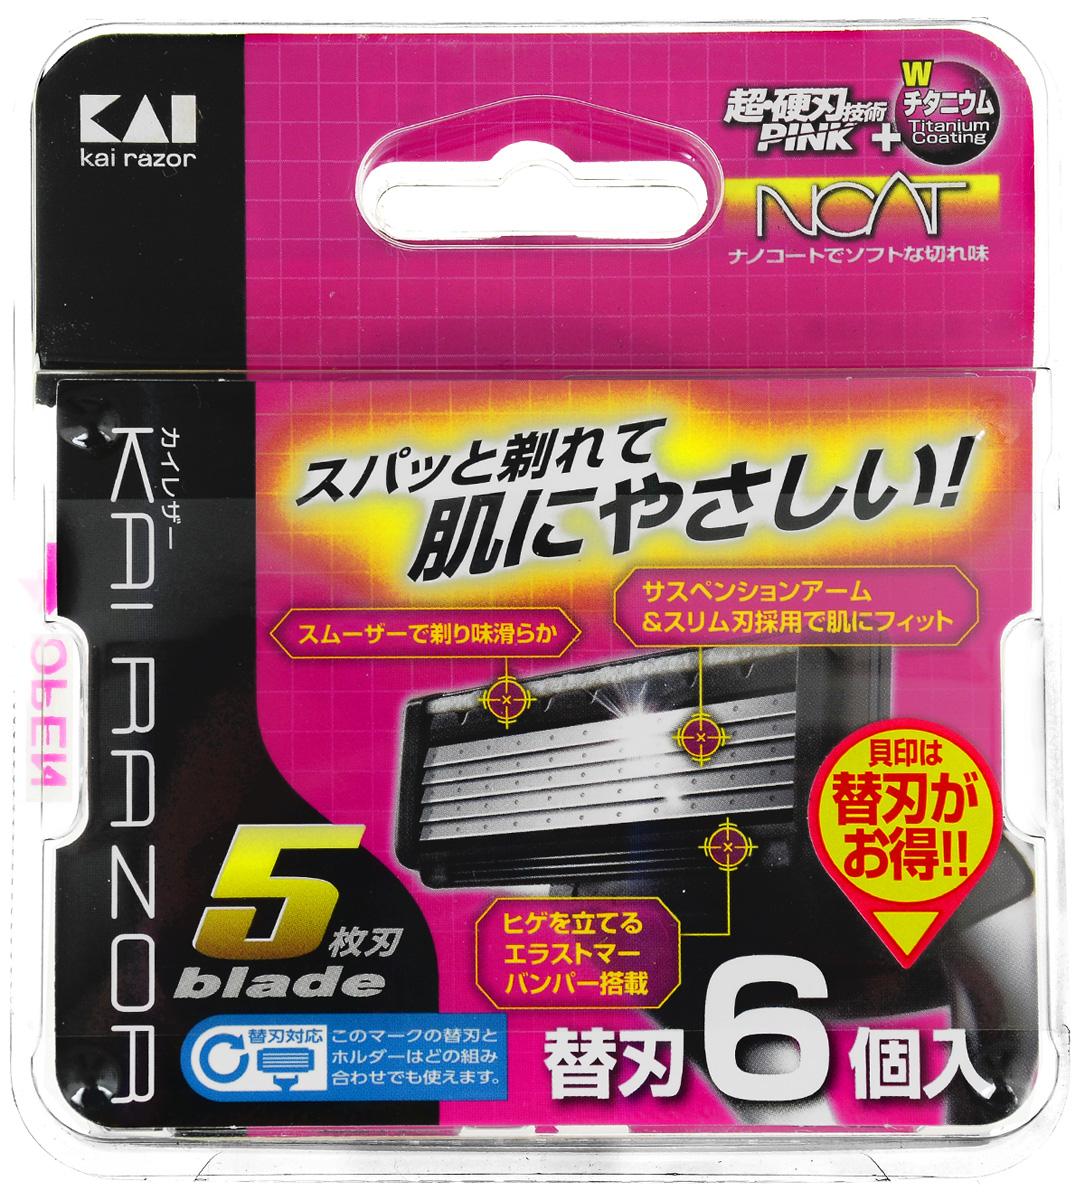 Сменная кассета KAI-5 RAZOR, 6 шт15076Тончайшее лезвие сравнимое лишь с острой сверхпрочной и долговечной сталью самурайского меча! Пять лезвий с титановым покрытием. Смазывающая головка обеспечивает гладкое бритье и содержит в составе антибактериальную смолу, предотвращающую раздражение. Сменные кассеты можно использовать для бритвенных станков KAI-4, KAI-4n, KAI-5.